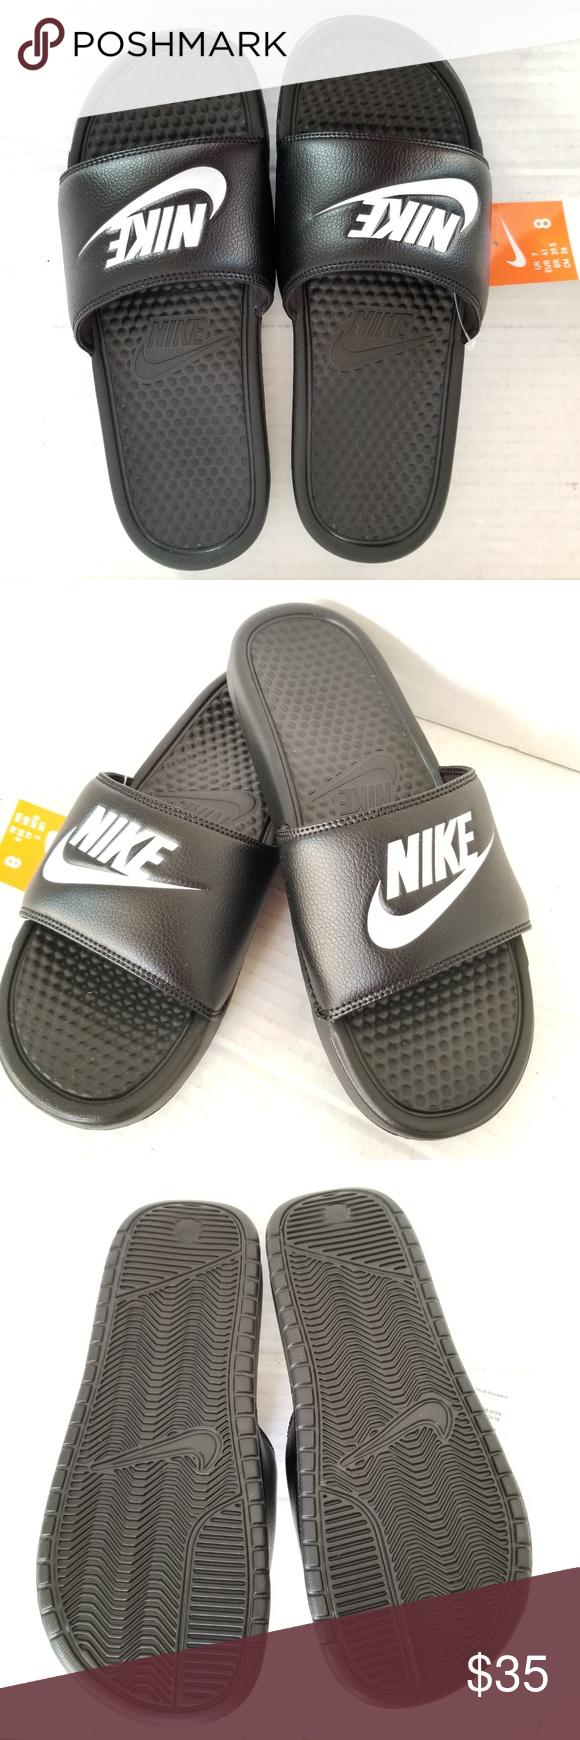 New In Box Nike Benassi JDI Slide